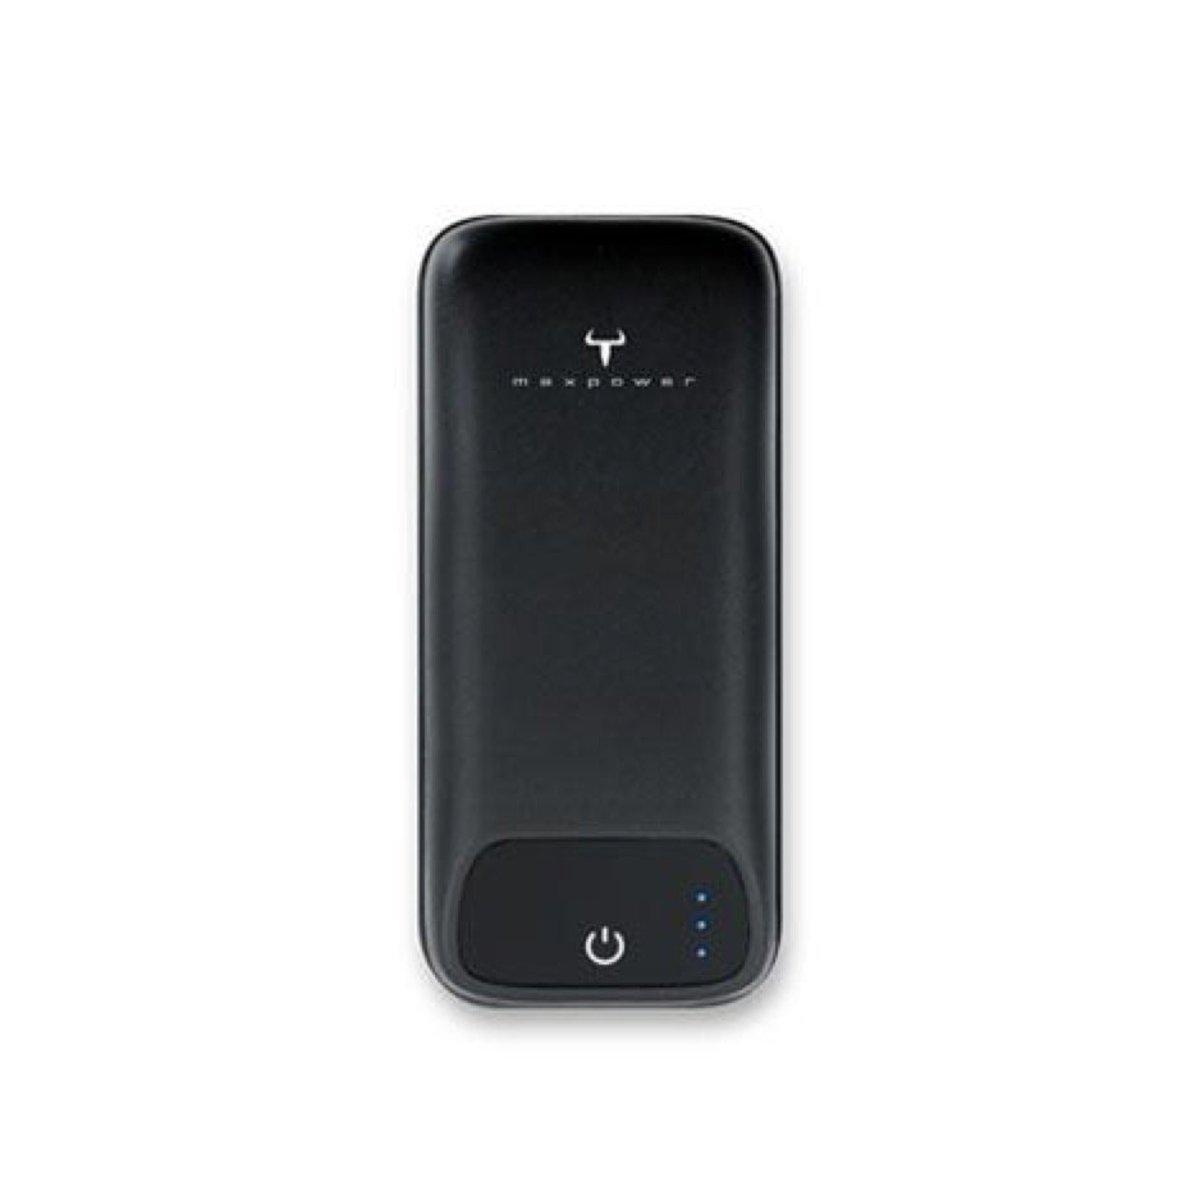 S310PD QC AI 10,000mAh 外置充電器 - 黑色